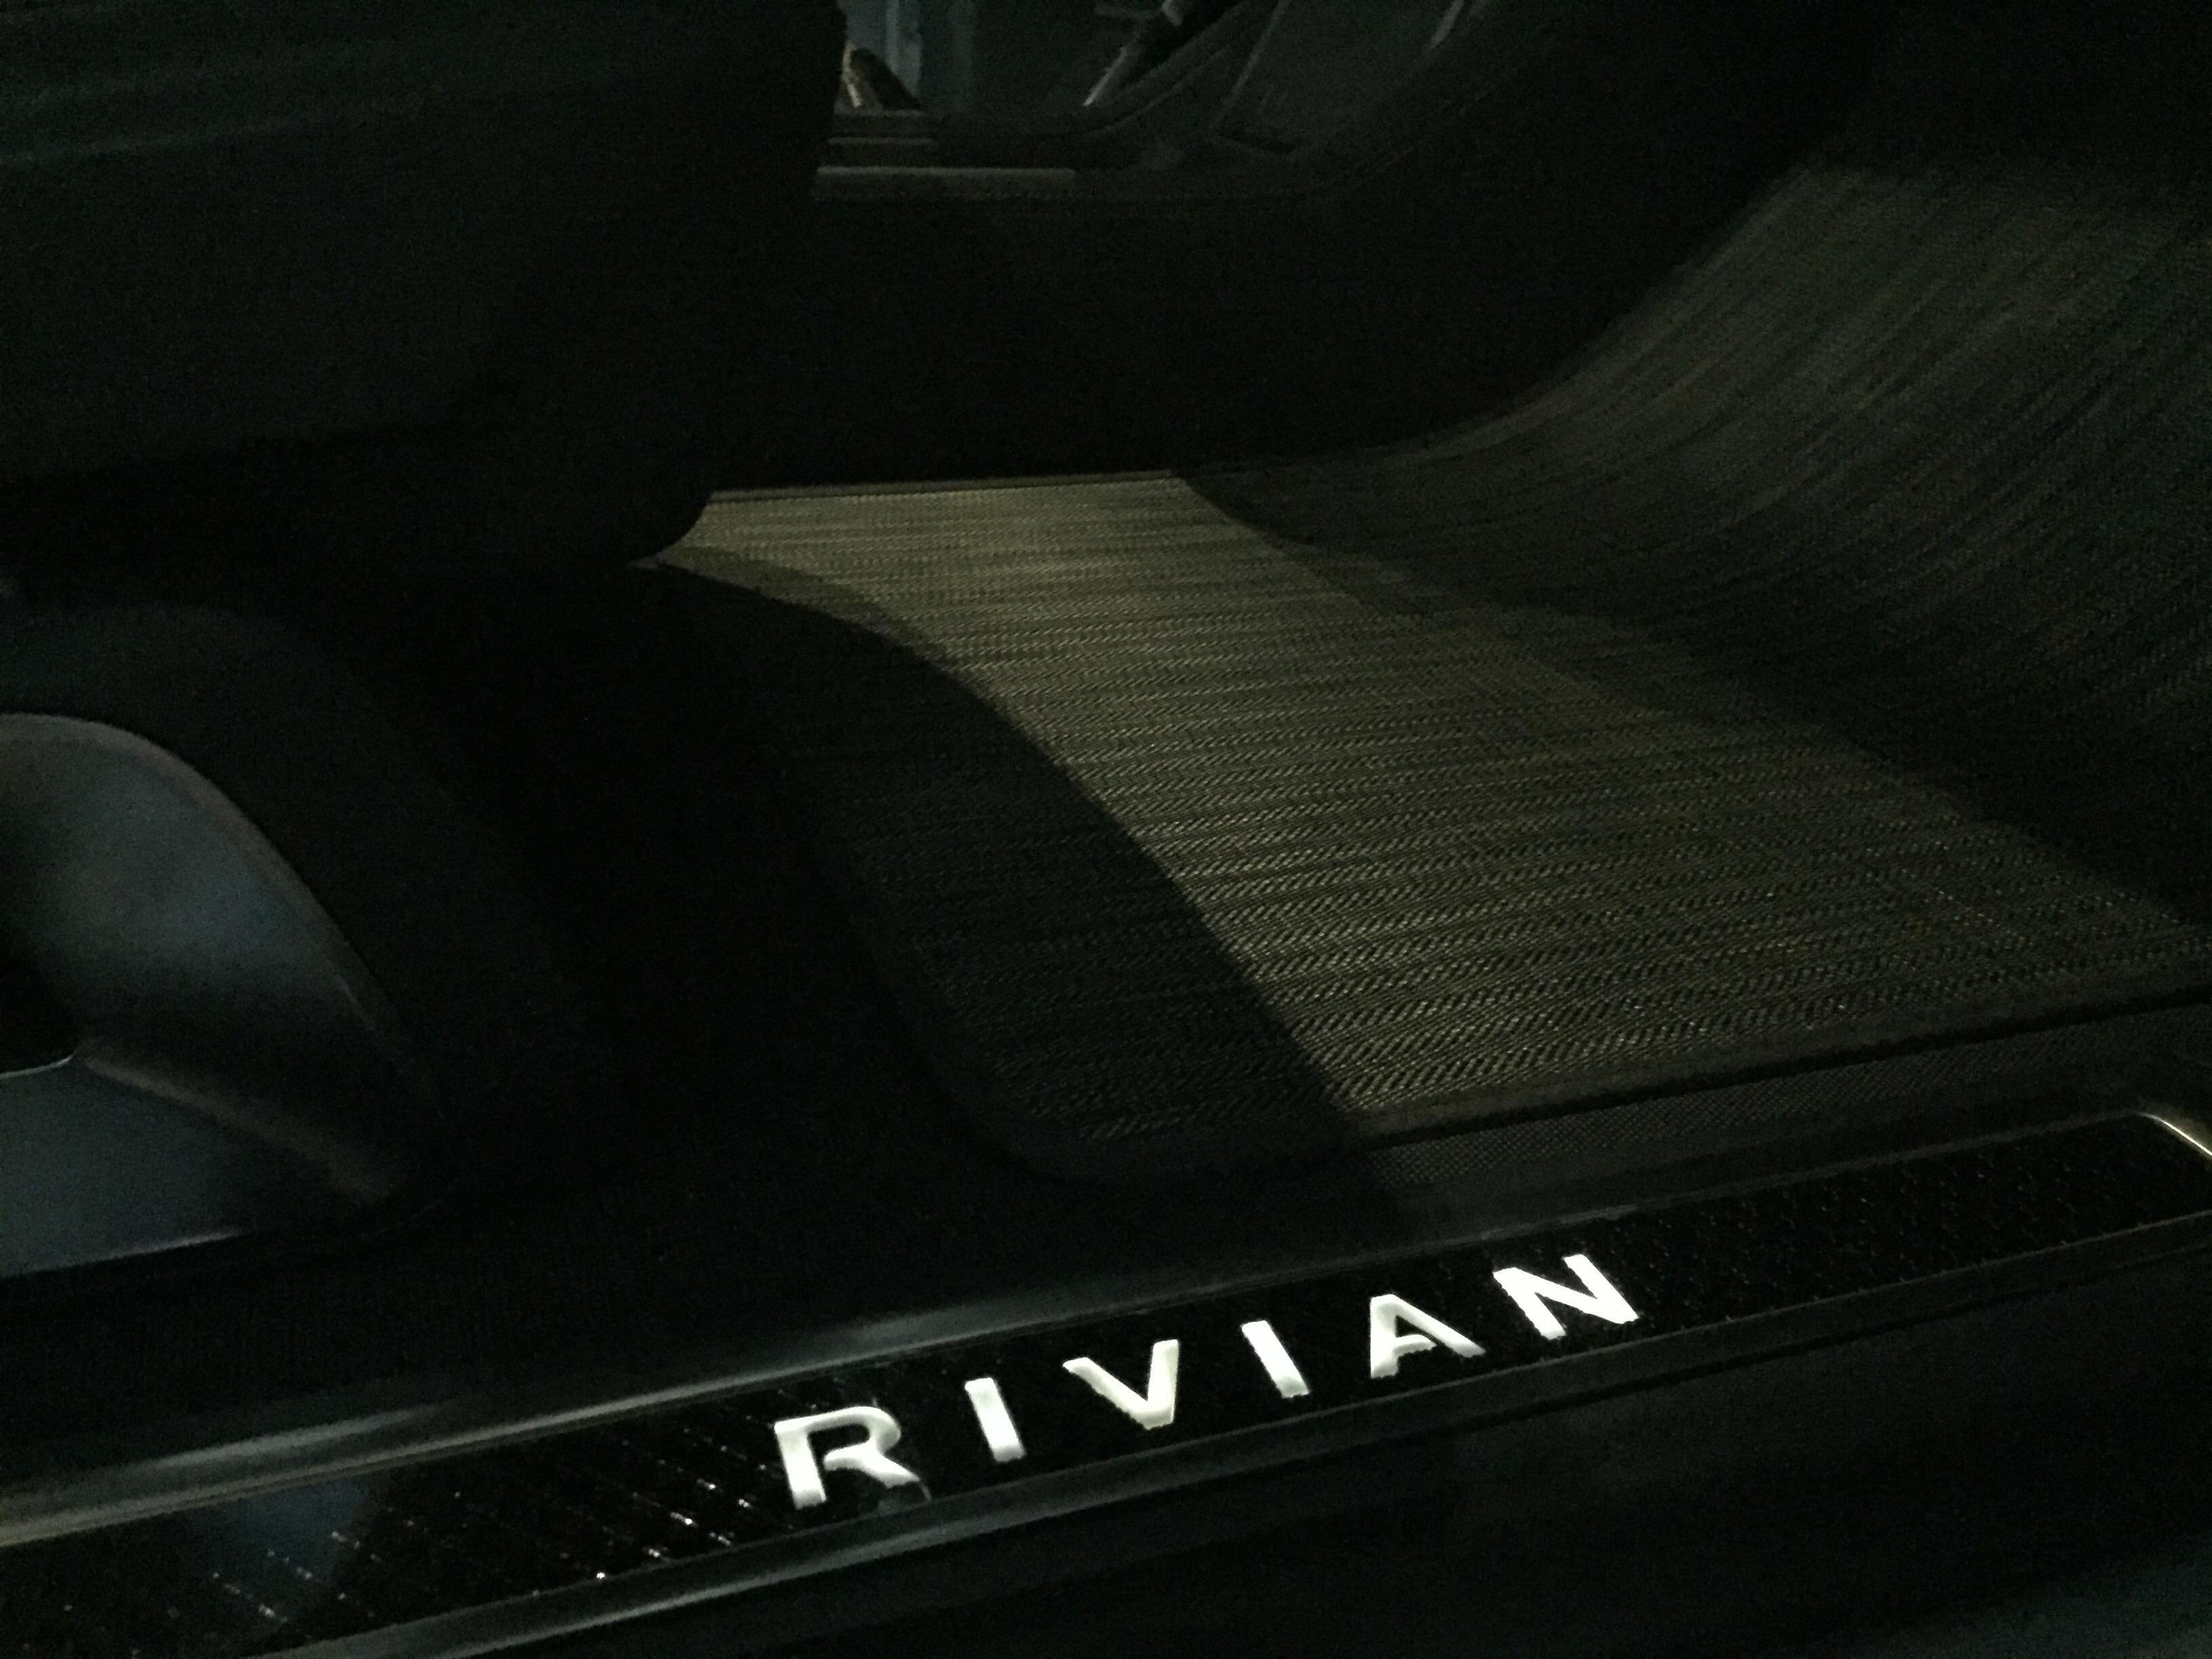 rivian-r1t-r1s-details-4